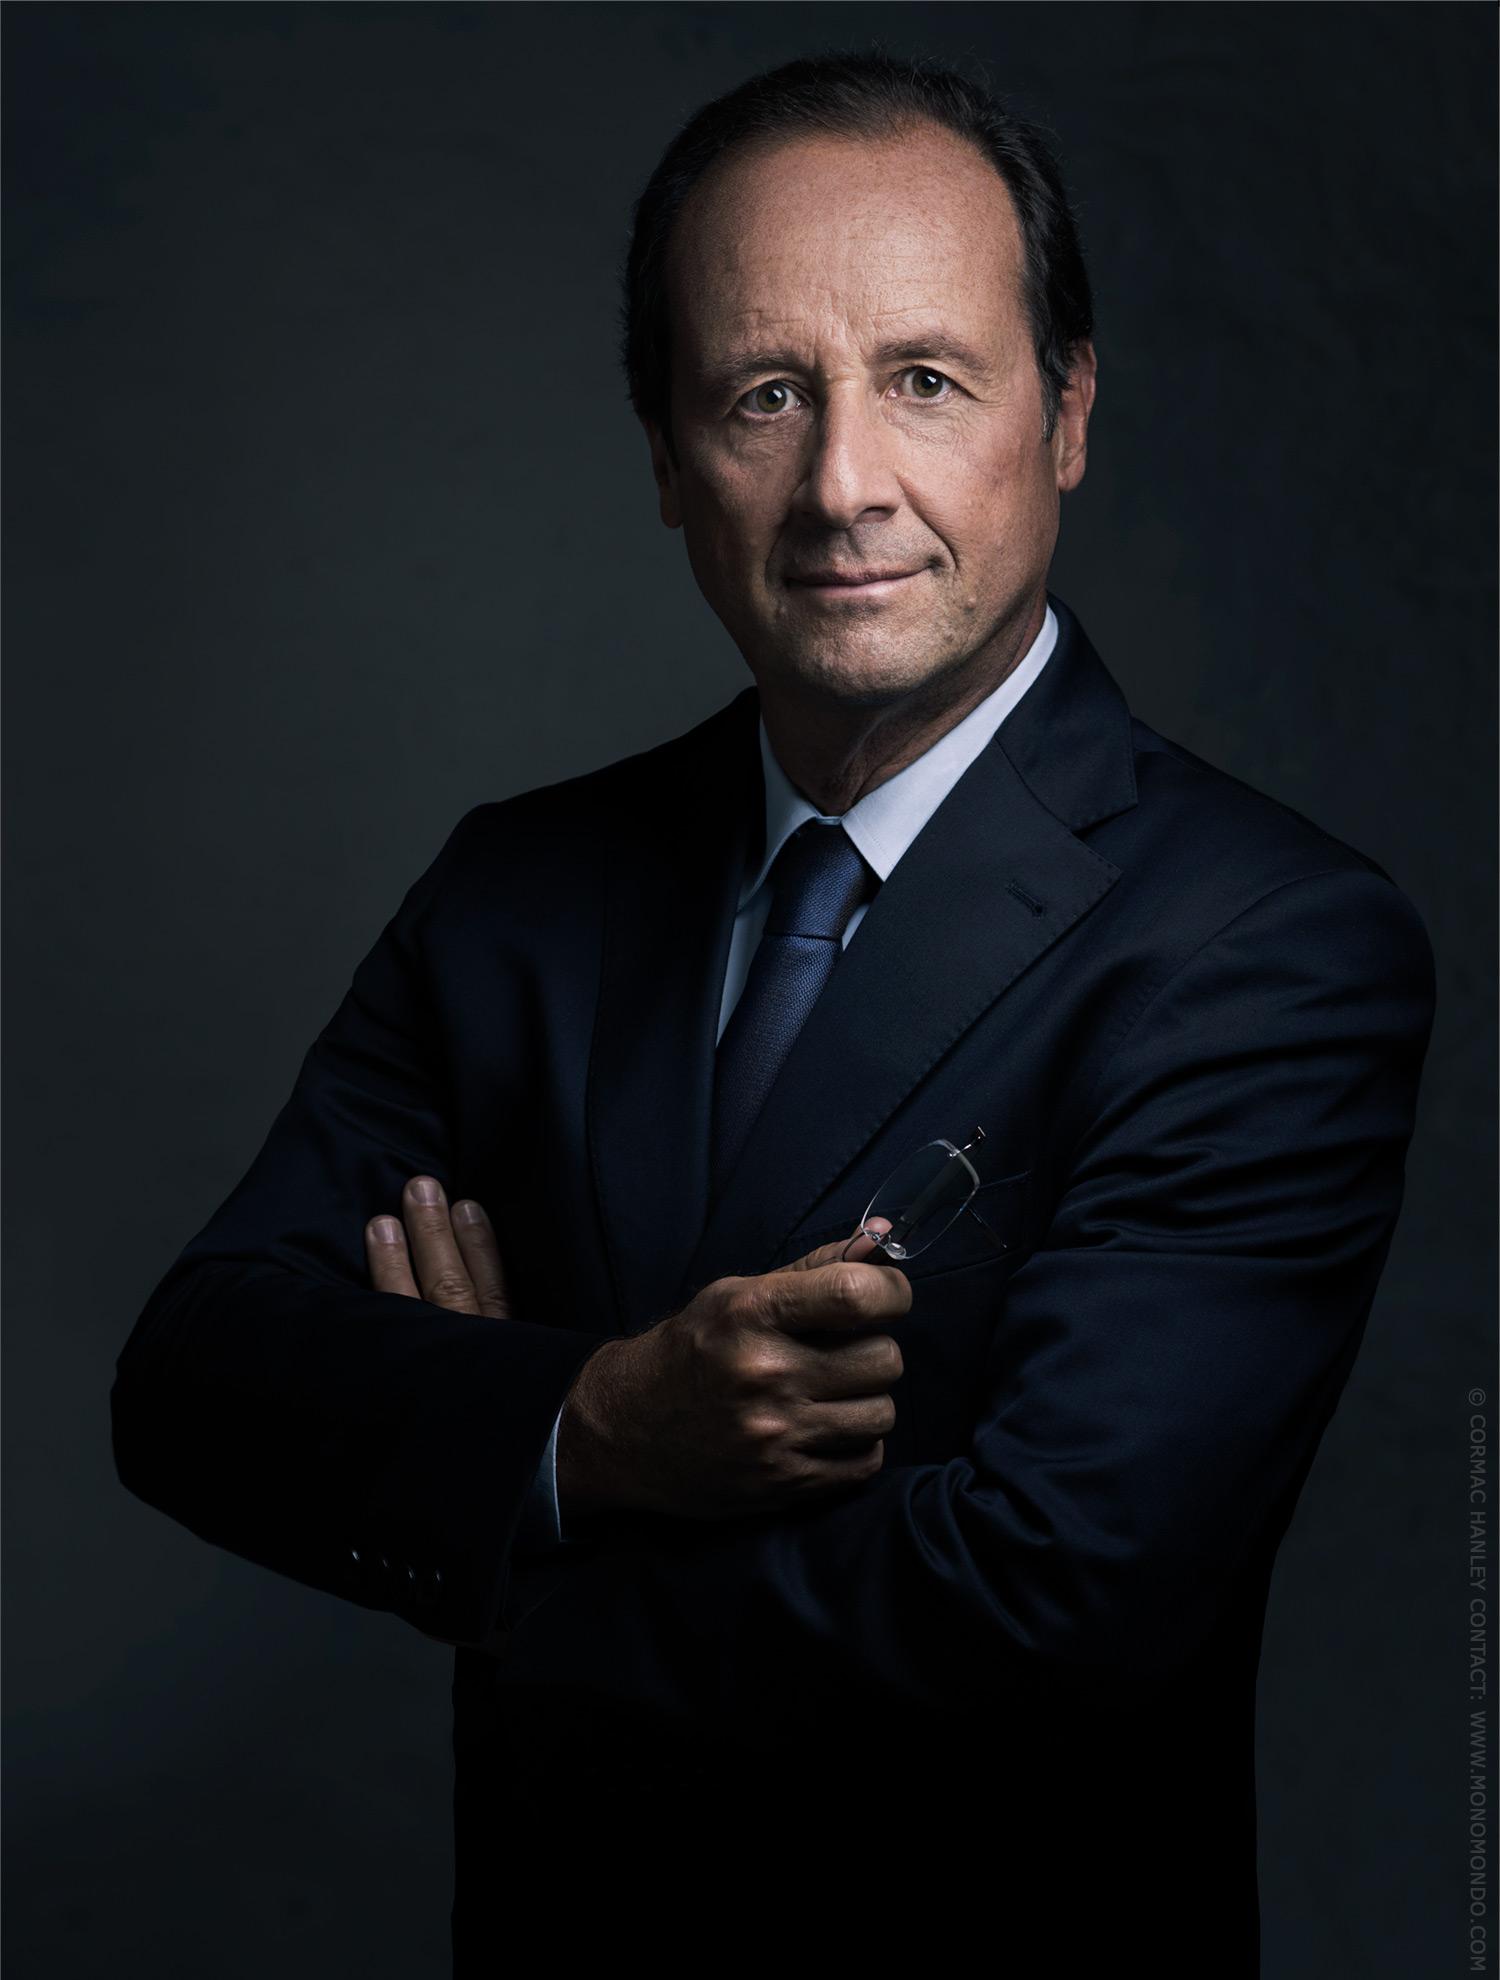 Hollande-tx.jpg